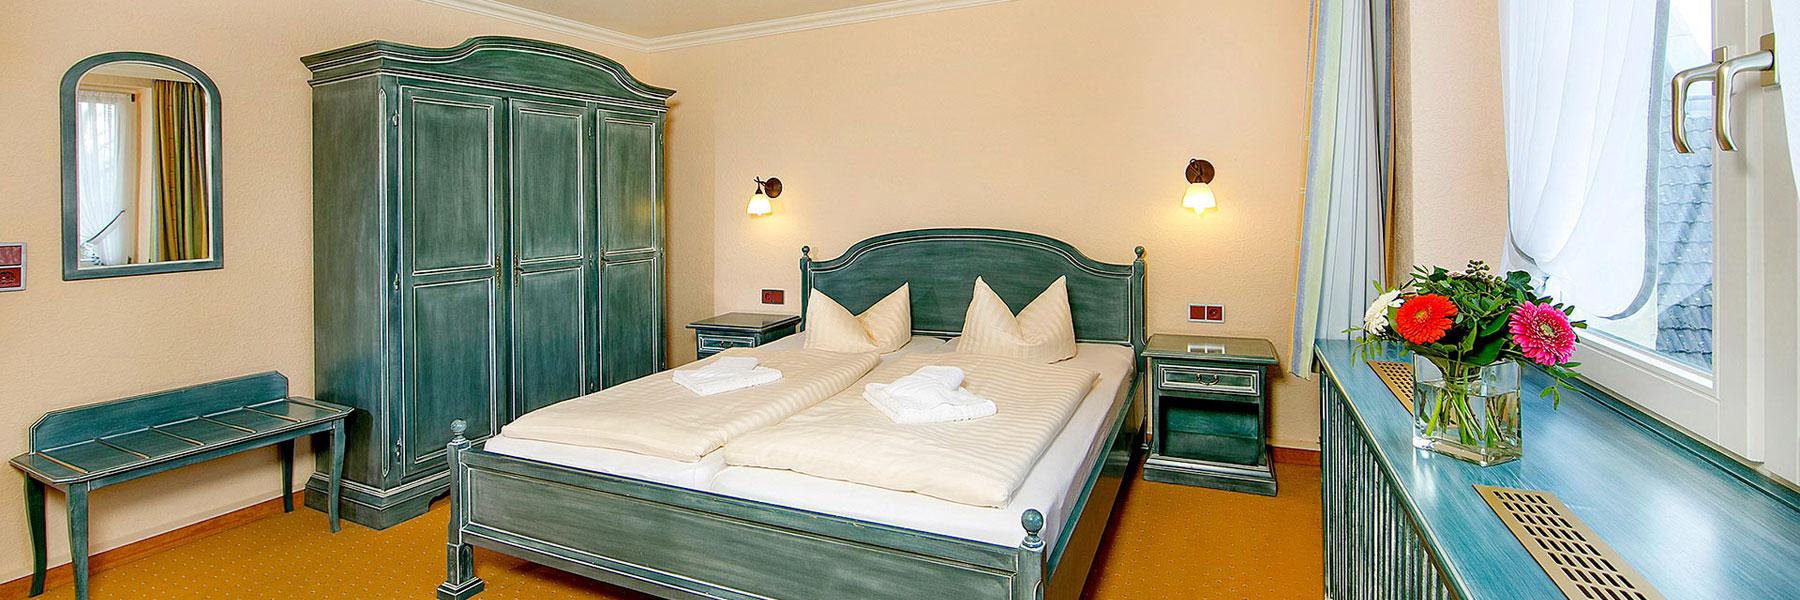 Doppelzimmer - Hotel Dünenschloß